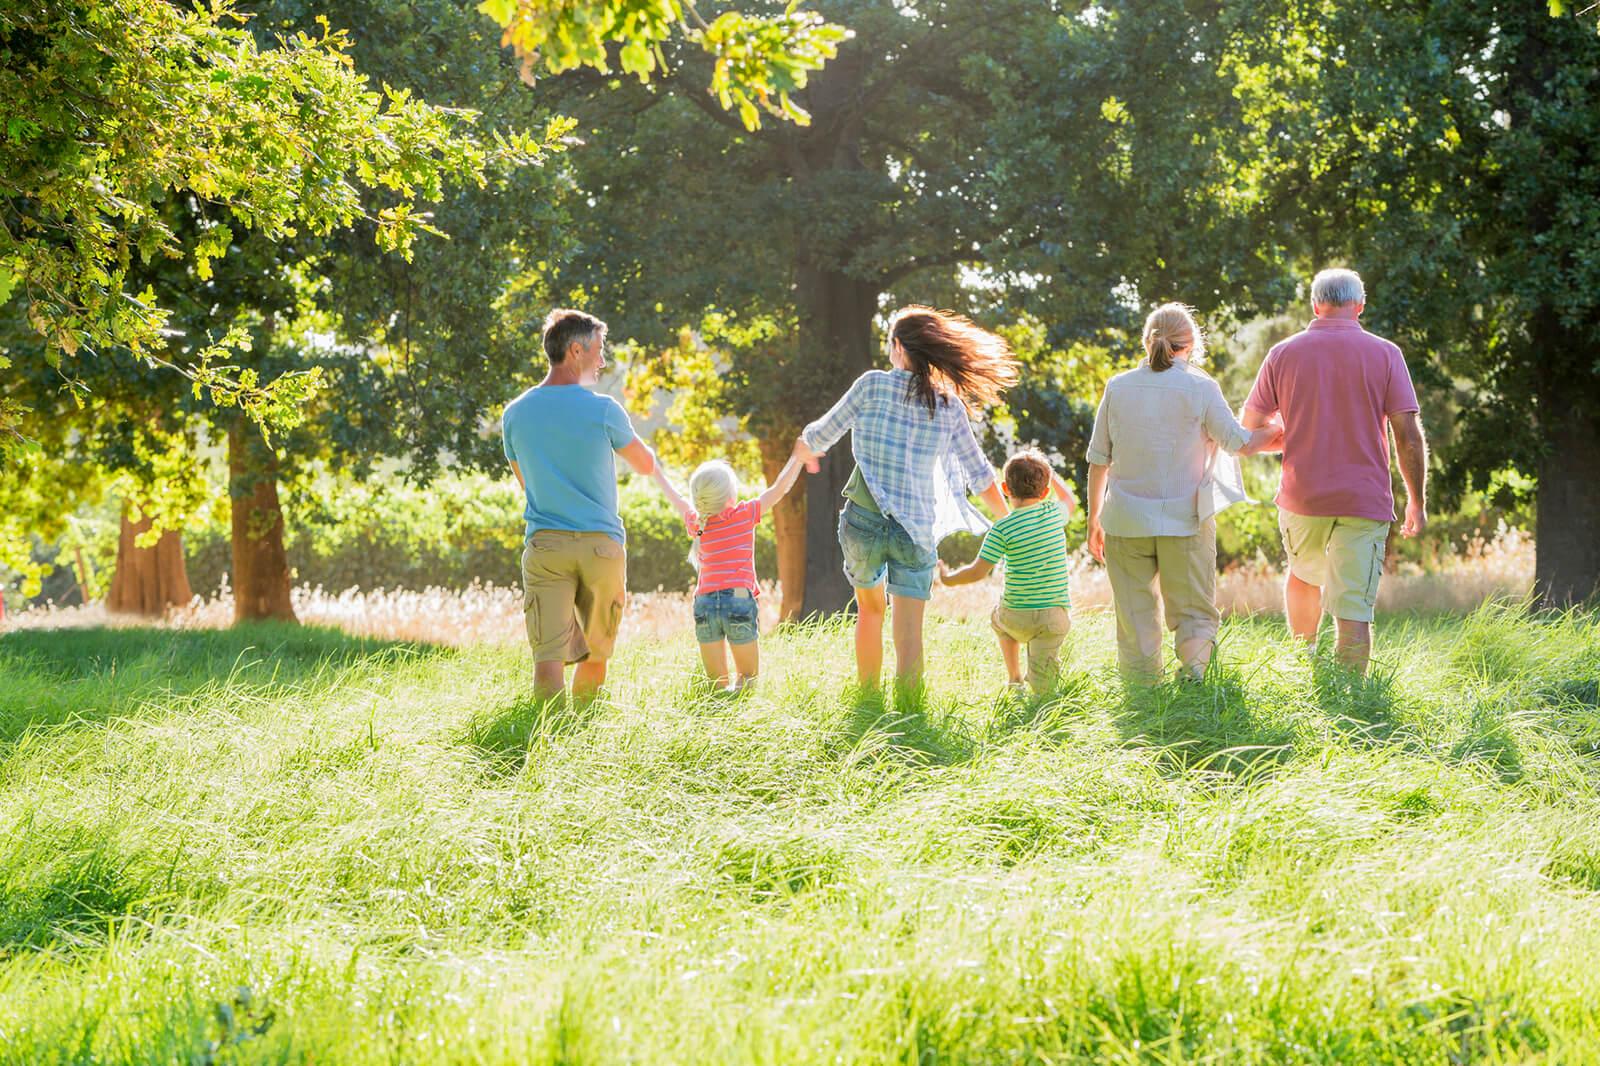 Menschen verschiedenen Alters mit KIndern sollen den Bereich Beruf und Familie darstellen